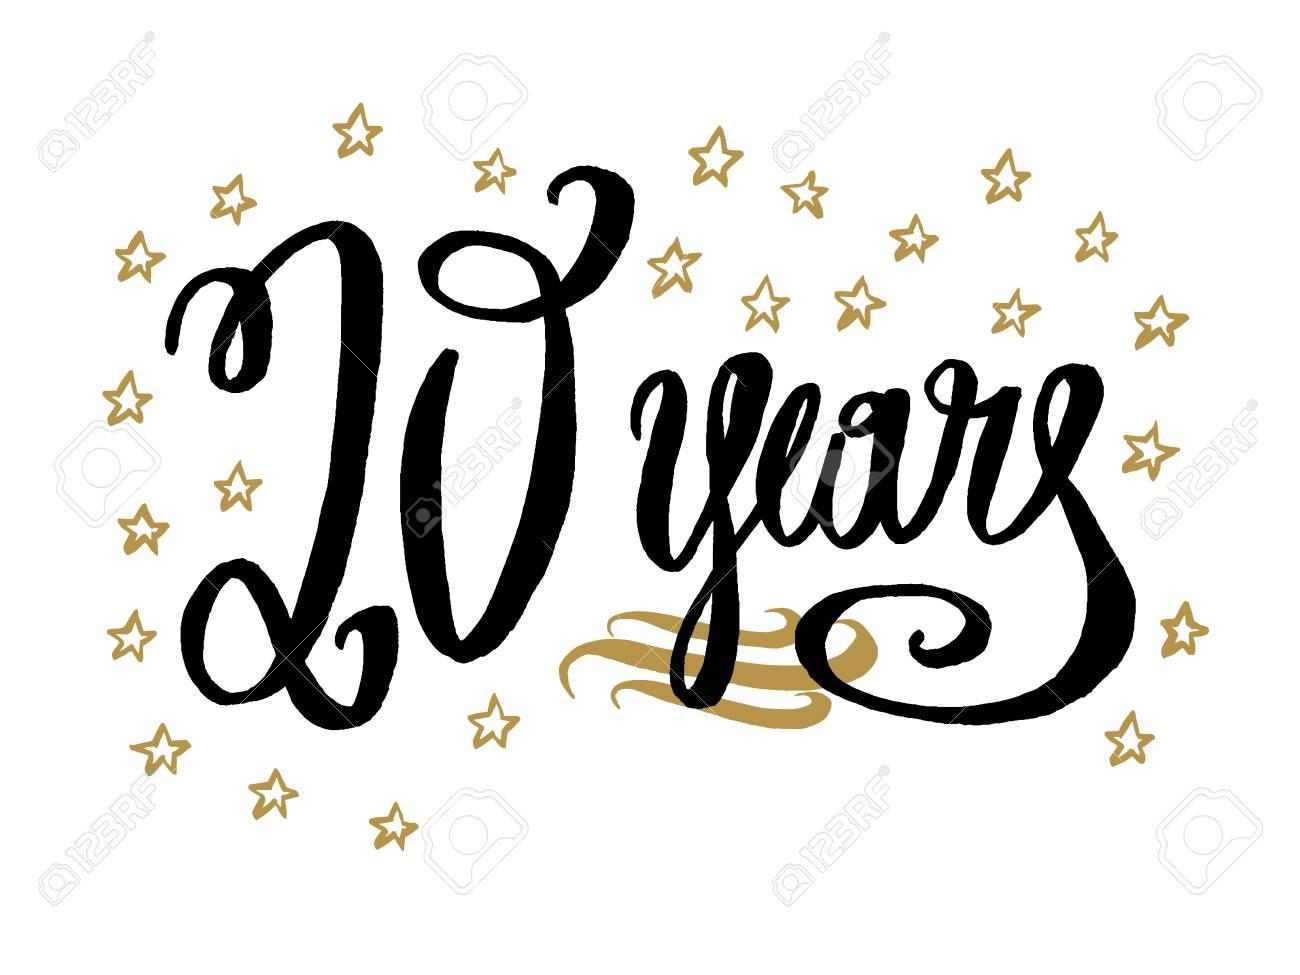 Tarjeta De 20 Años Banner Hermoso Saludo Rayado Caligrafía Texto Palabra Oro Estrellas Mano Dibujada Invitación T Shirt Diseño De Impresión